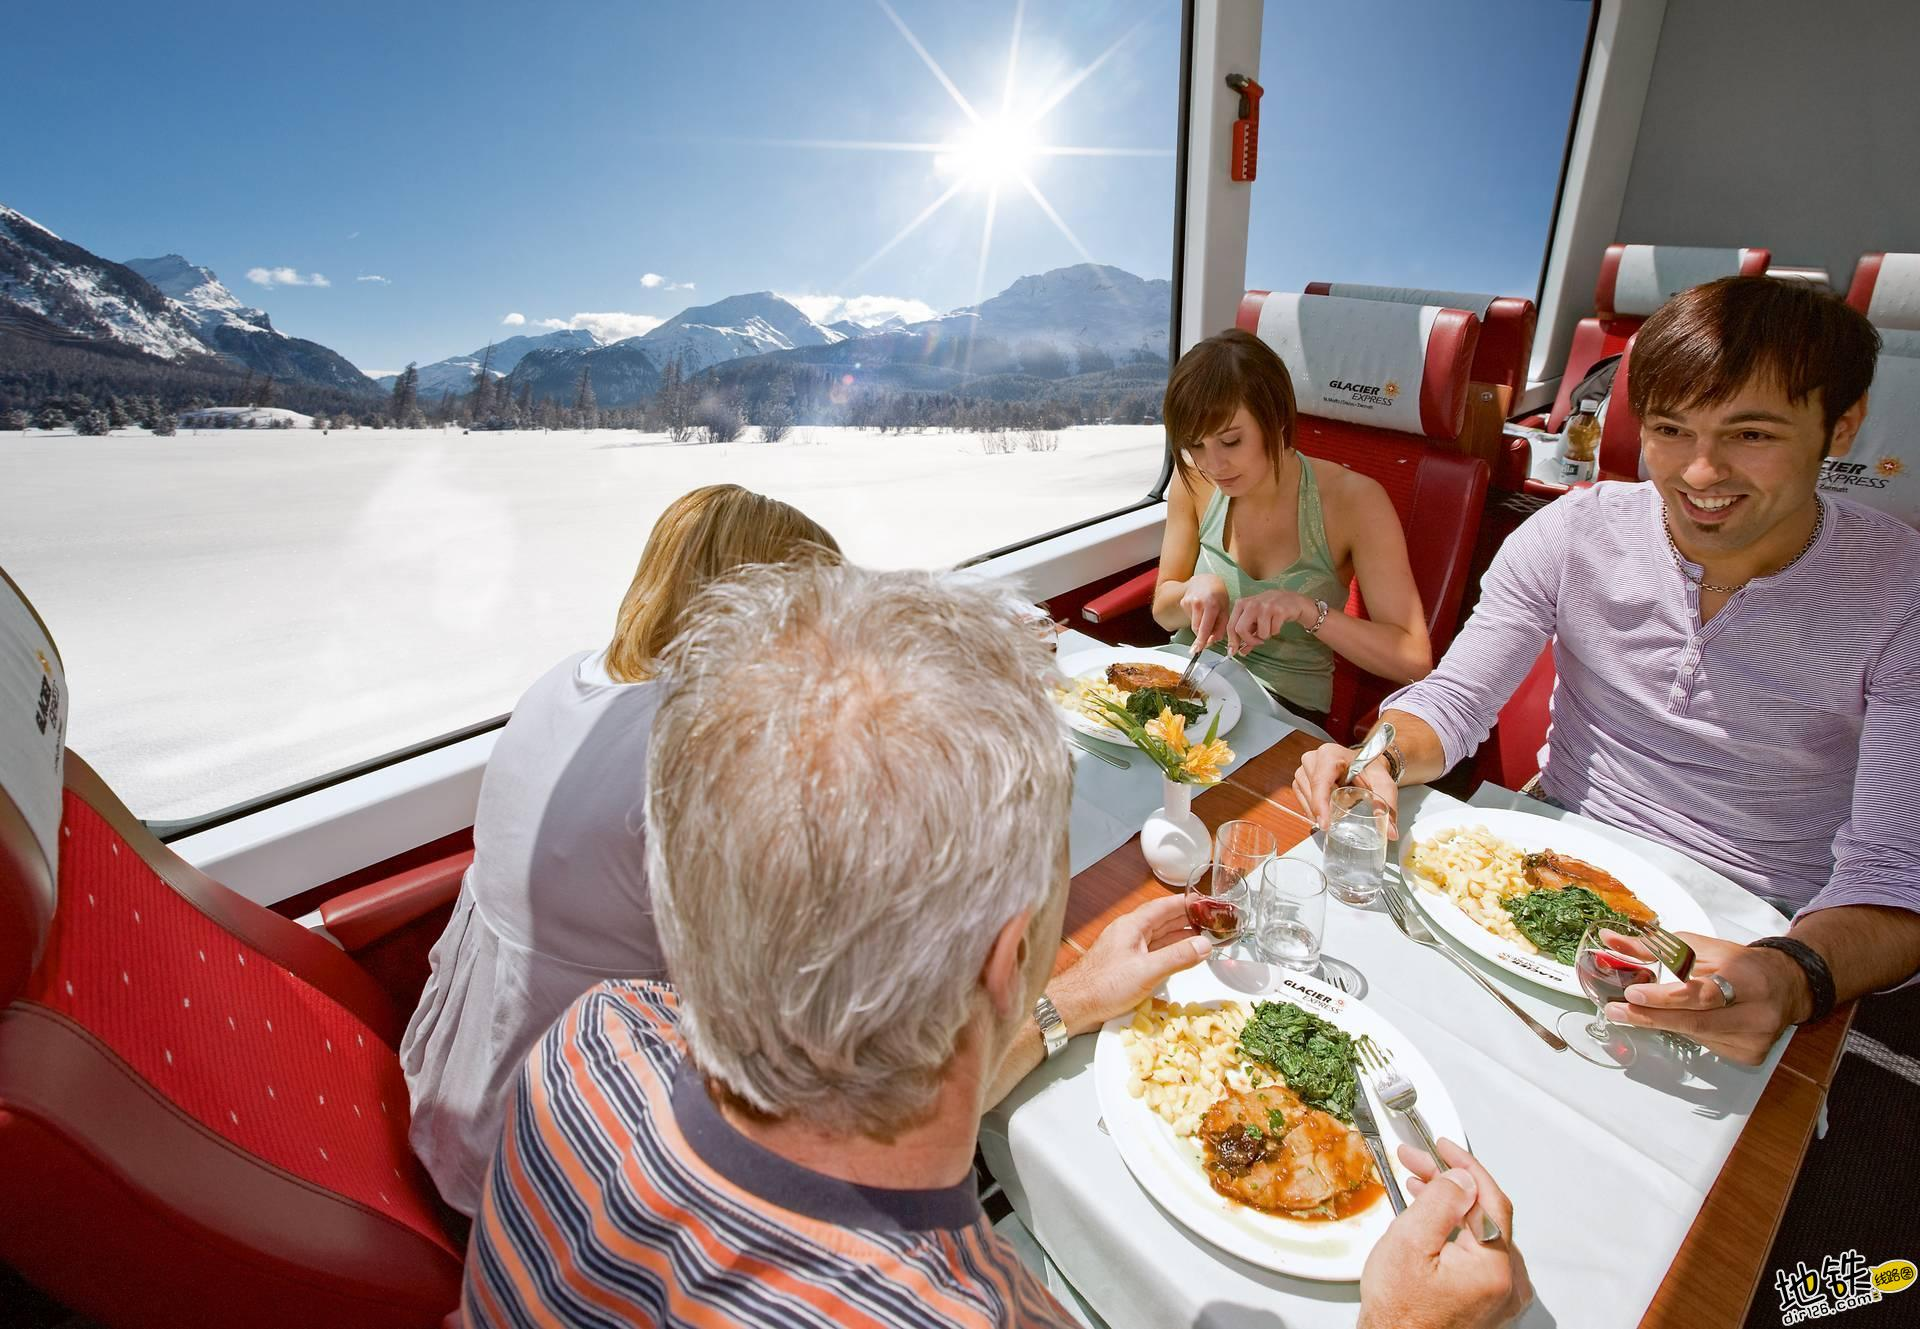 世界上最慢的火车:8小时行驶290公里,乘客却抱怨开太快 瑞士 冰川火车 全球 世界 最慢火车 轨道动态  第2张